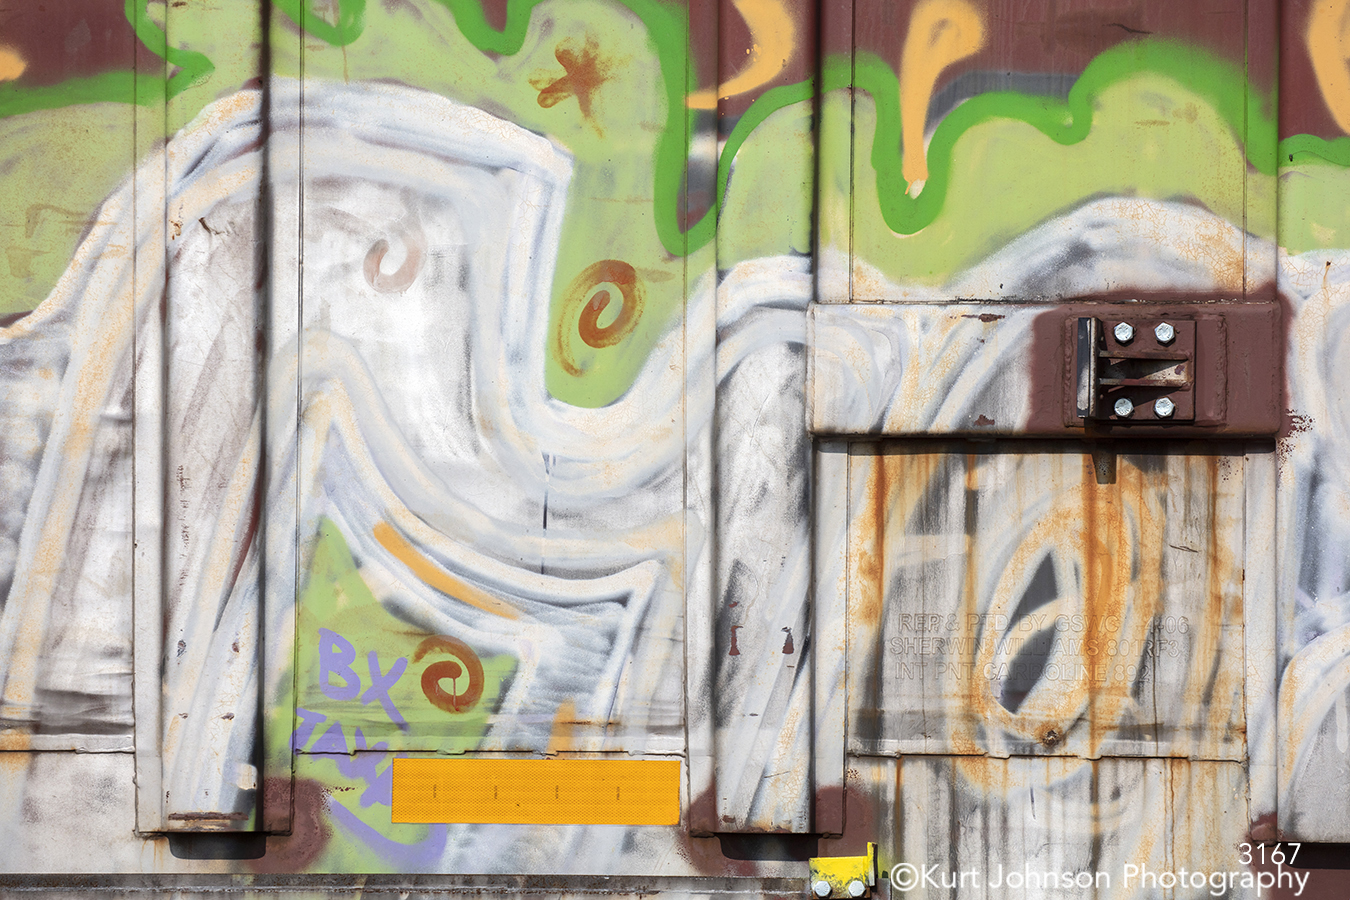 modern urban green pattern shapes texture detail graffiti art paint texture textures